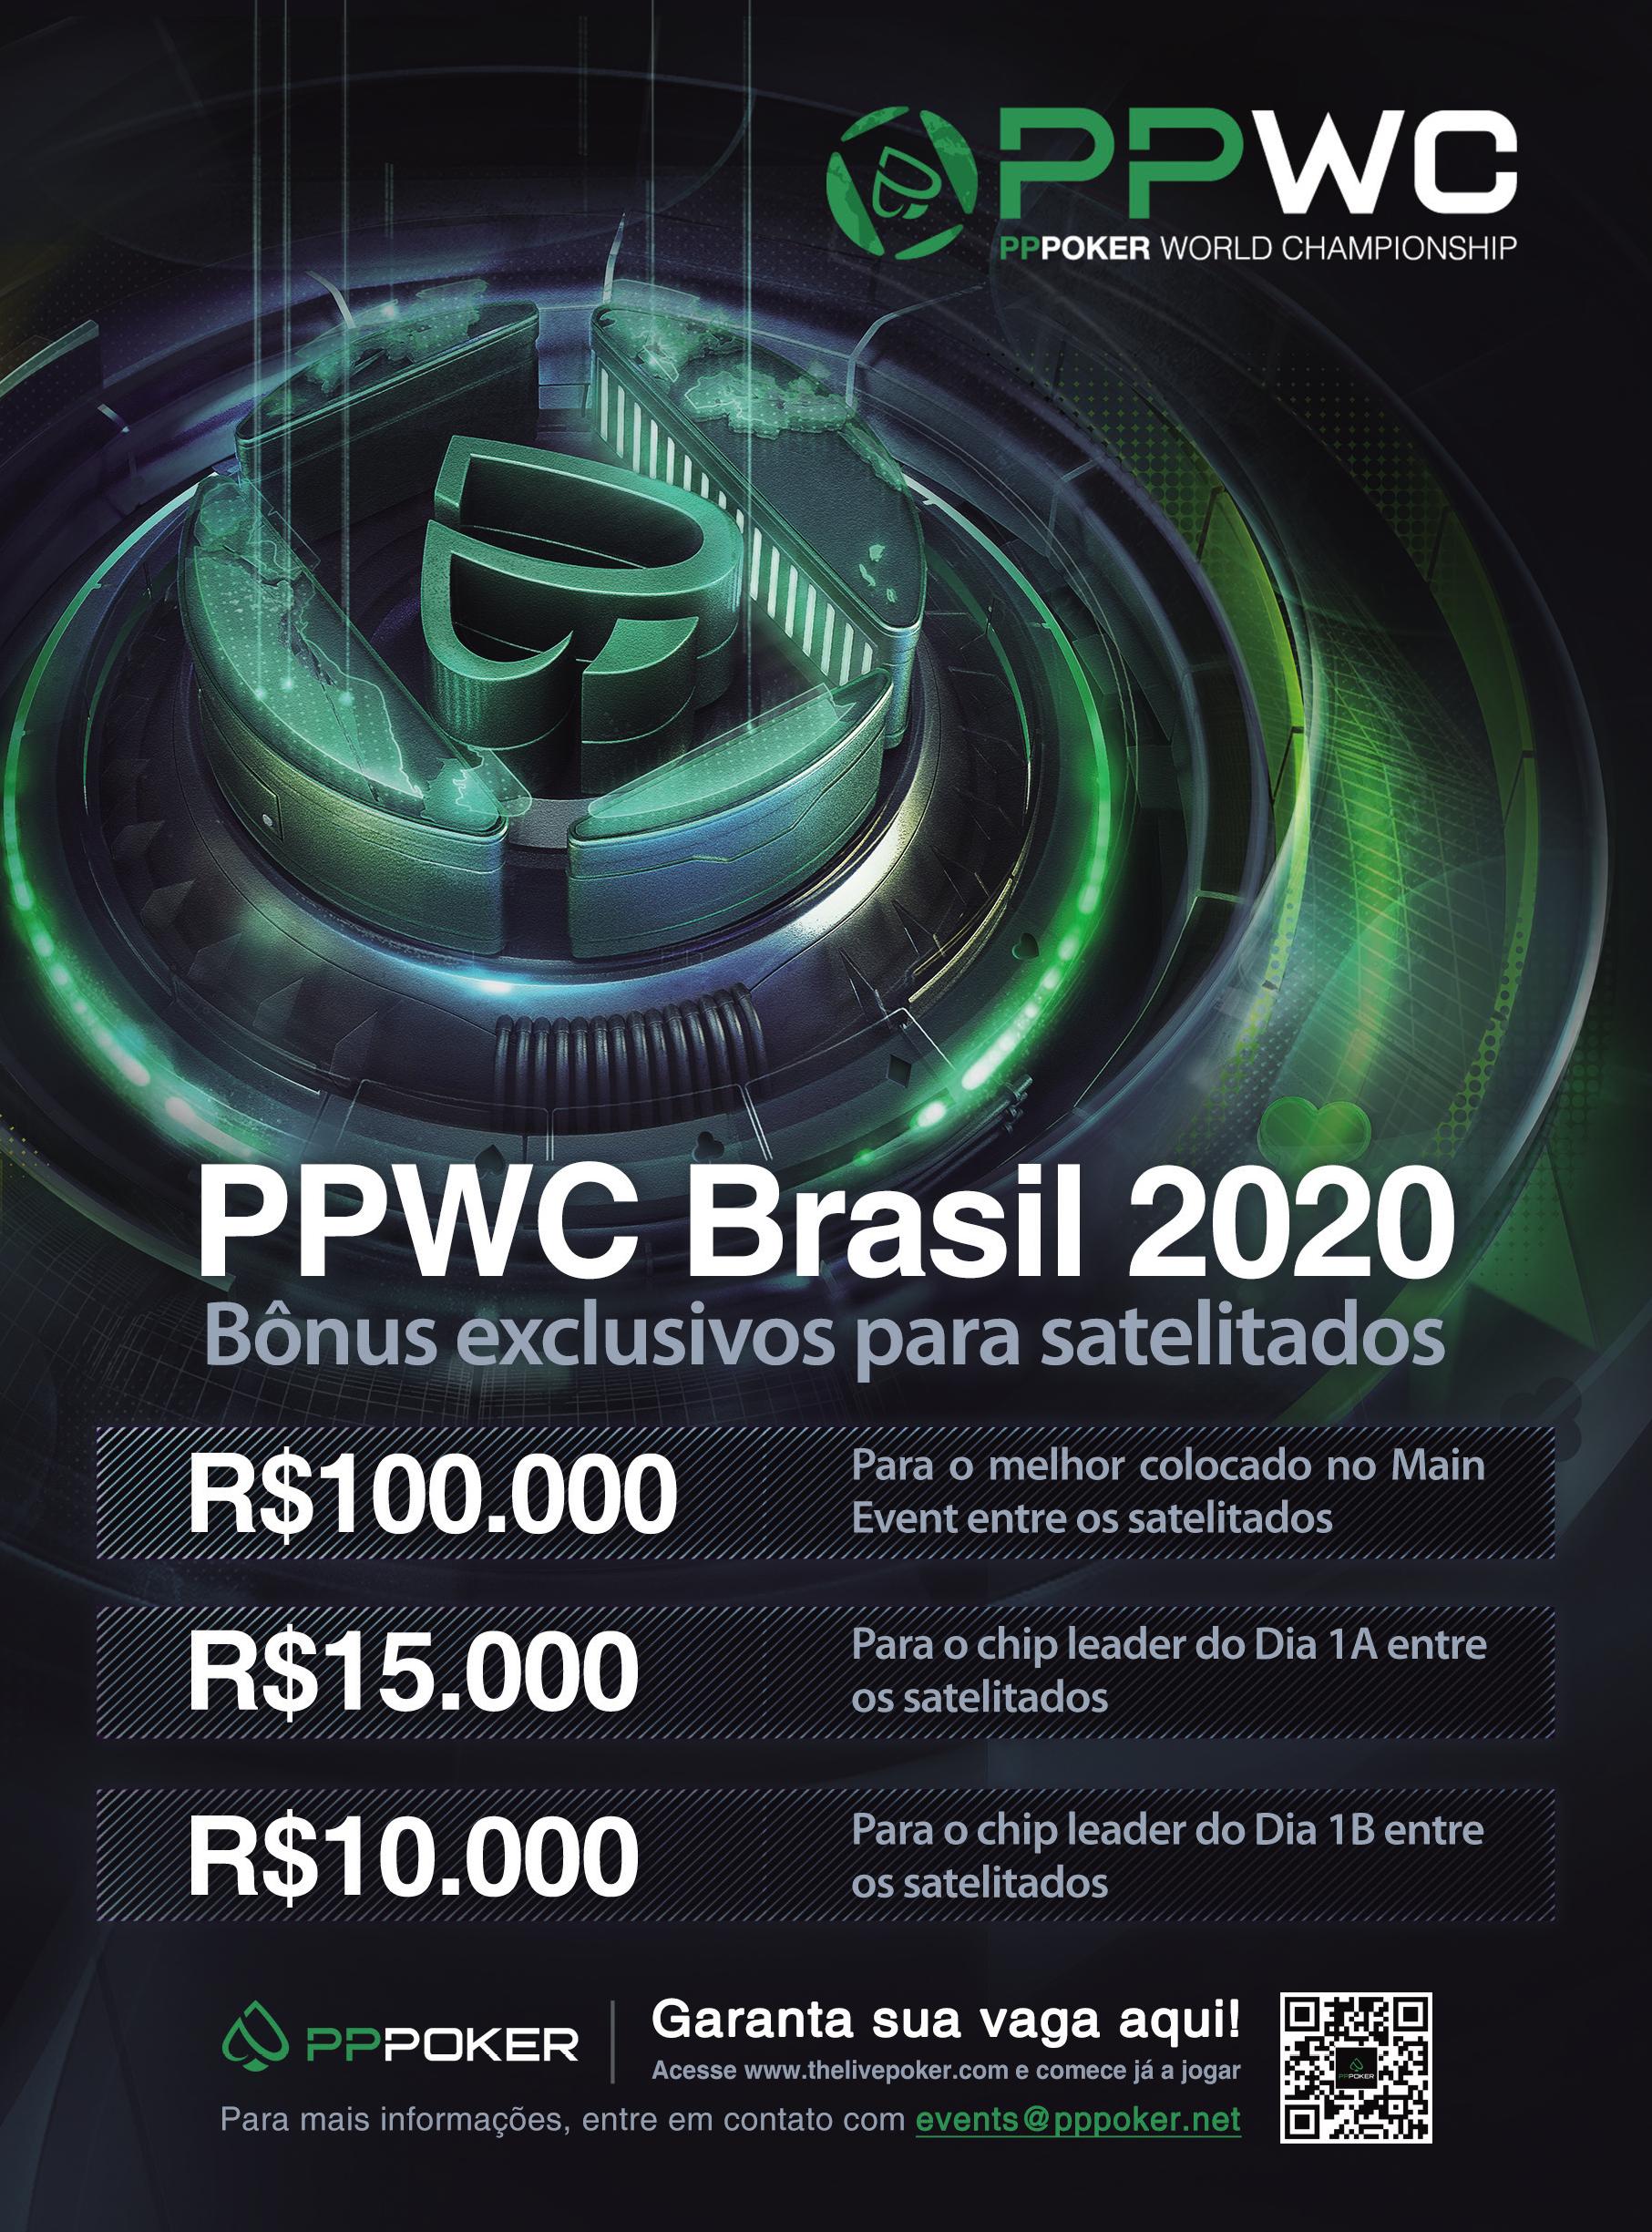 Prêmios para os satelitados do PPWC